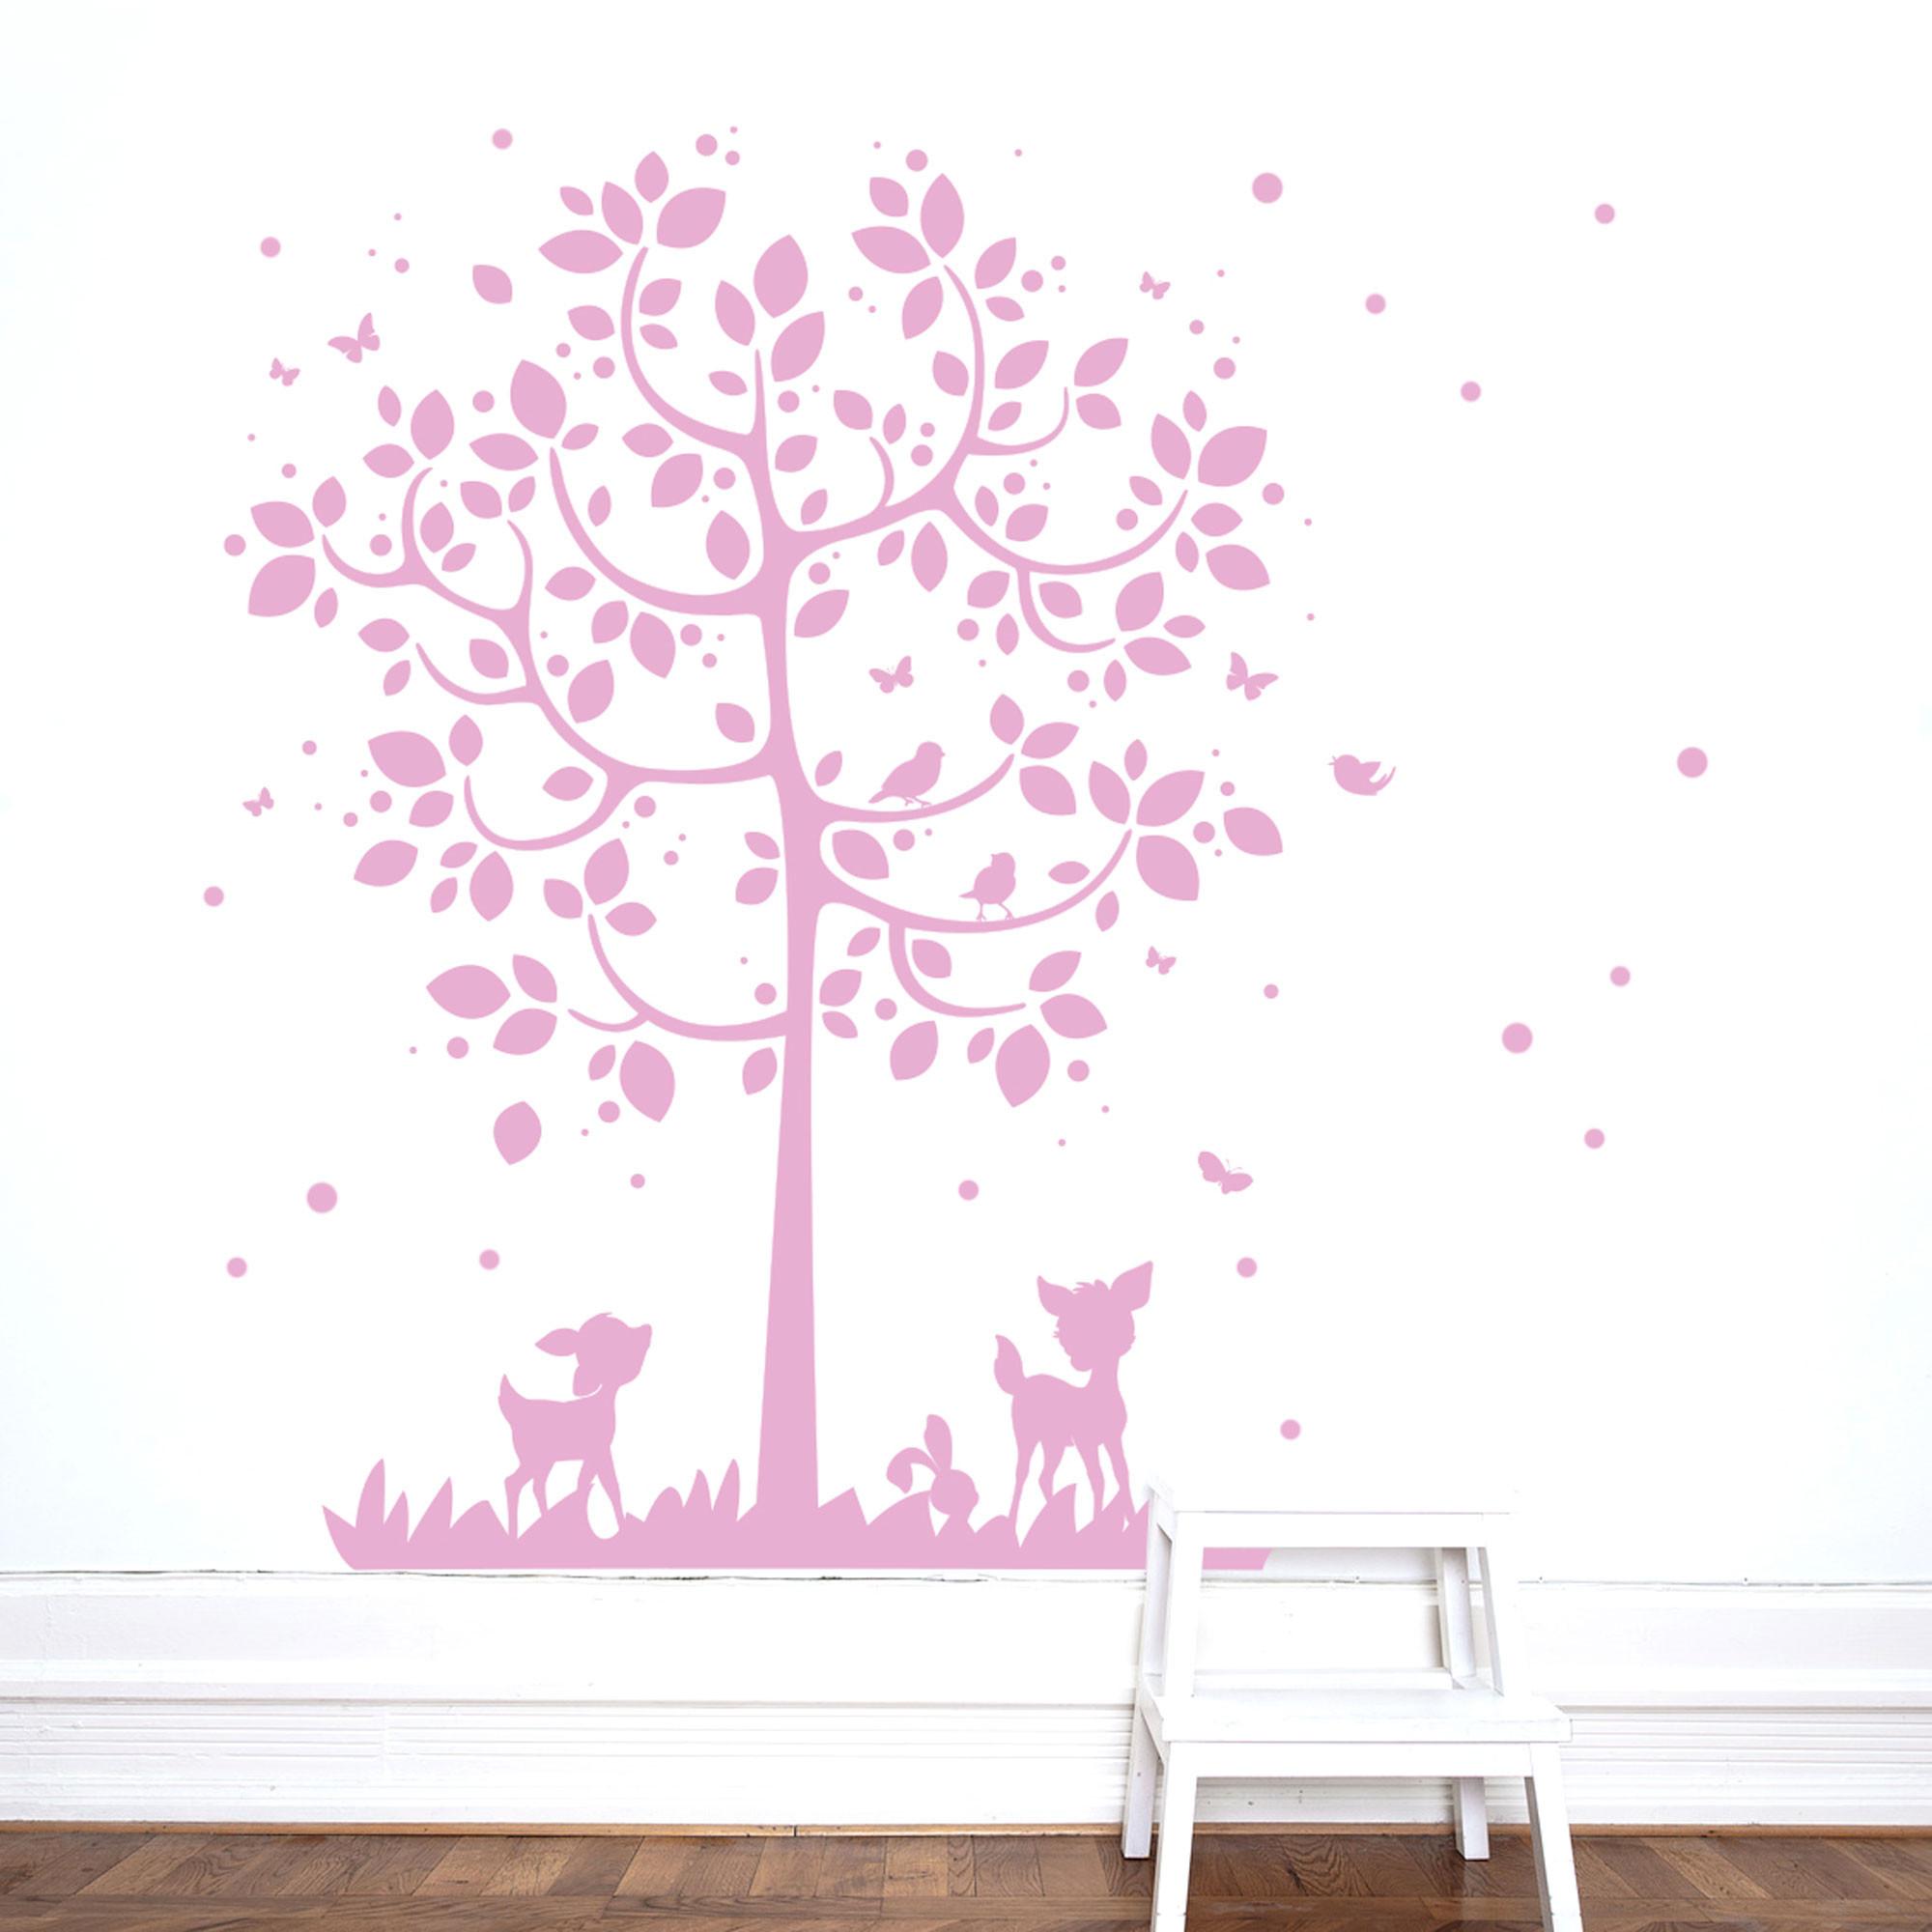 Bezaubernd Wandtattoo Bäume Galerie Von Wandsticker Baum Mit Reh Hasen Vögel Schmetterlinge